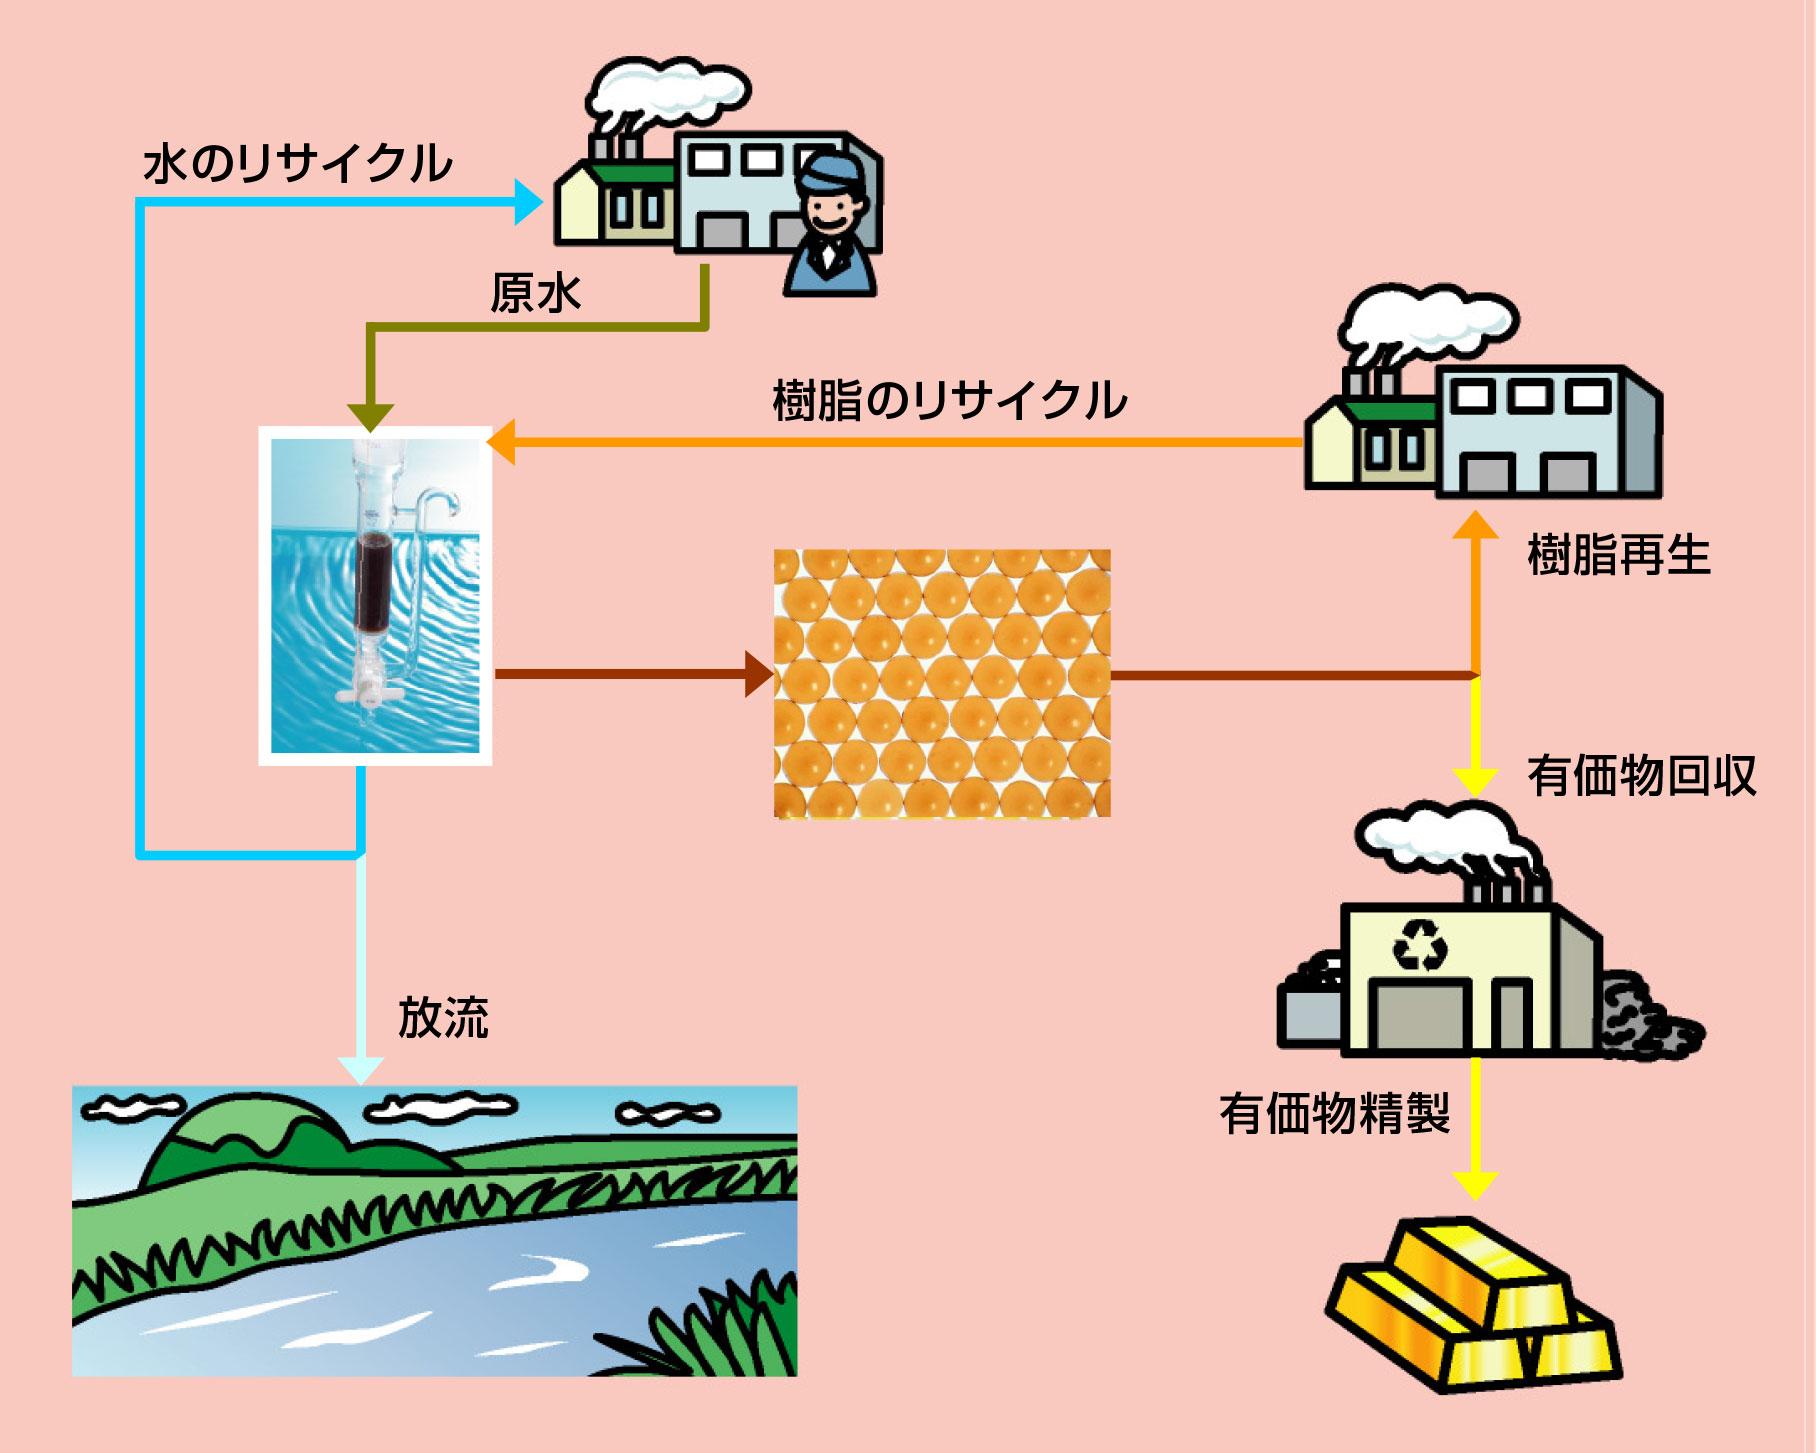 イオン交換樹脂を用いた有価物回収 フロー